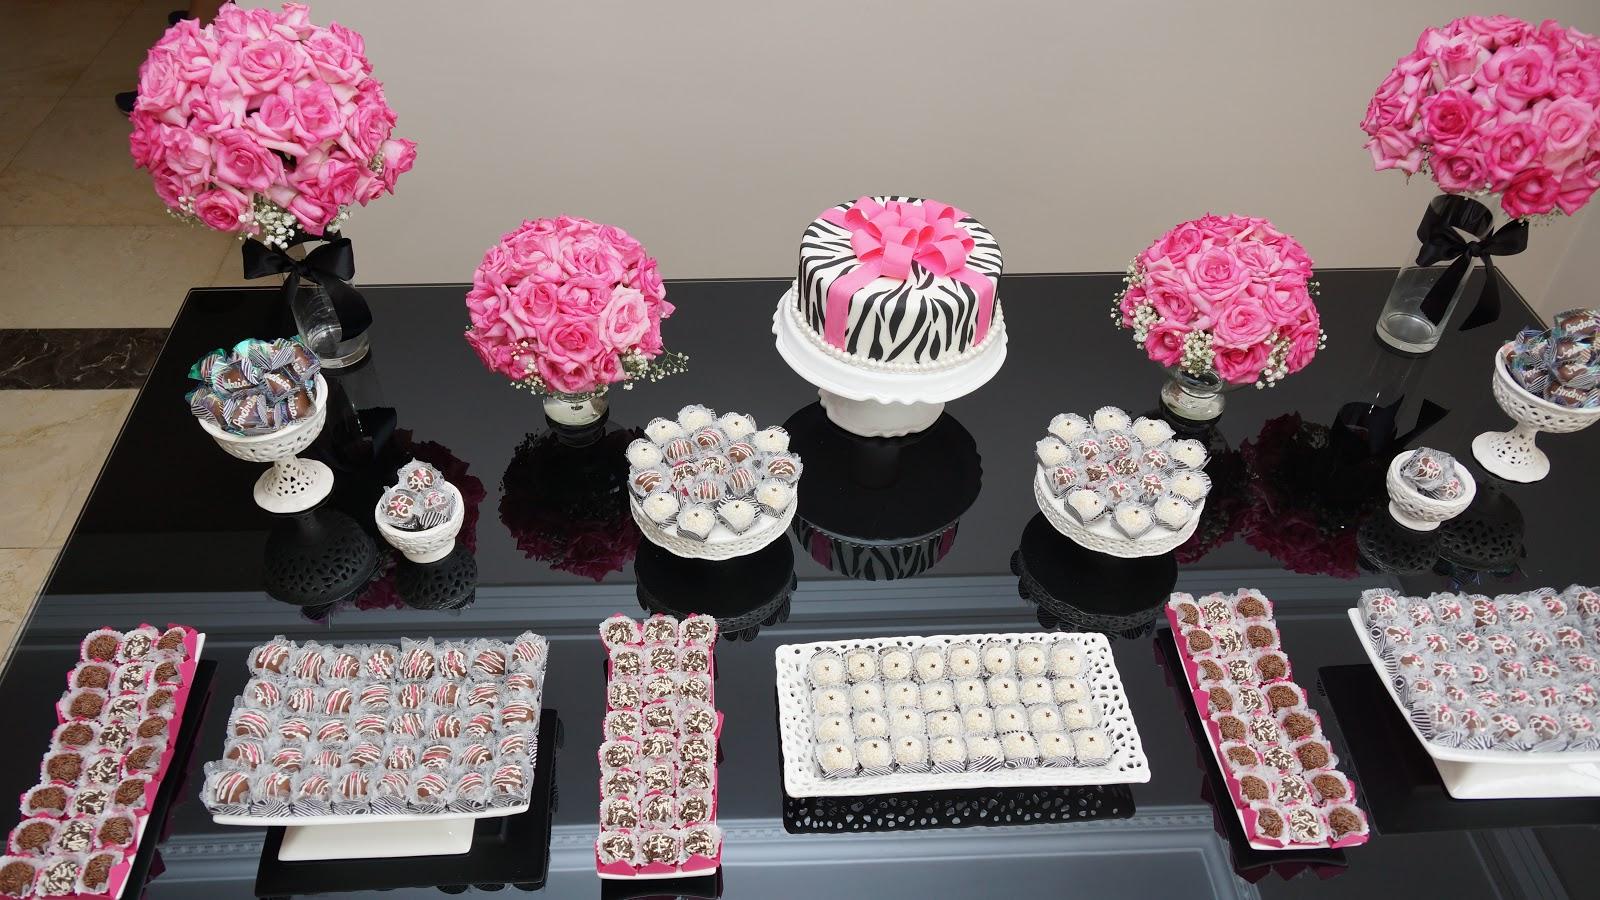 #A32862 112. decoracao festa zebra pink:nosso bolo cenográfico deu destaque  1600x900 px tamanho banheiro adaptado